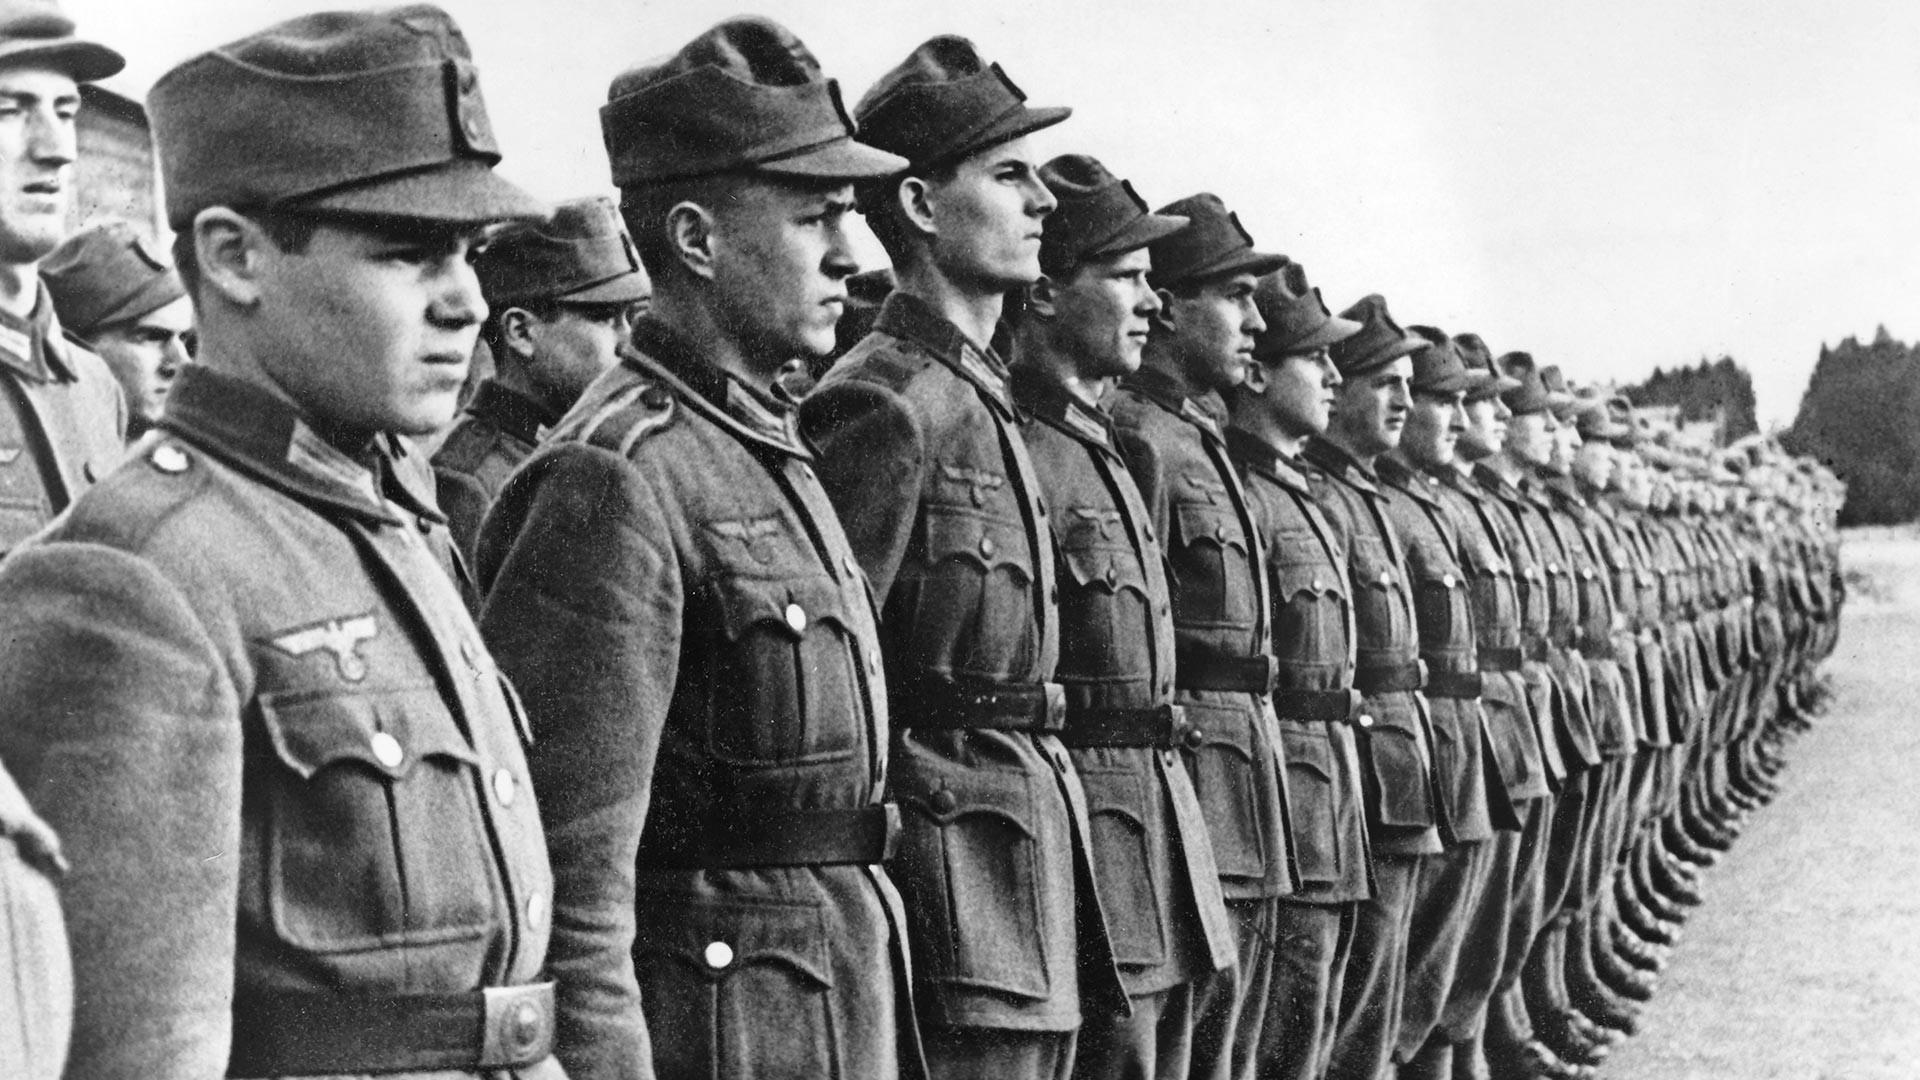 Втора светска војна, Хрватска легија во 1942 година. Нацистичката пропаганда ги прикажува хрватските доброволци кои поминуваат обука за прием во Вермахтот. Фотографијата е направена во јануари 1942 година.